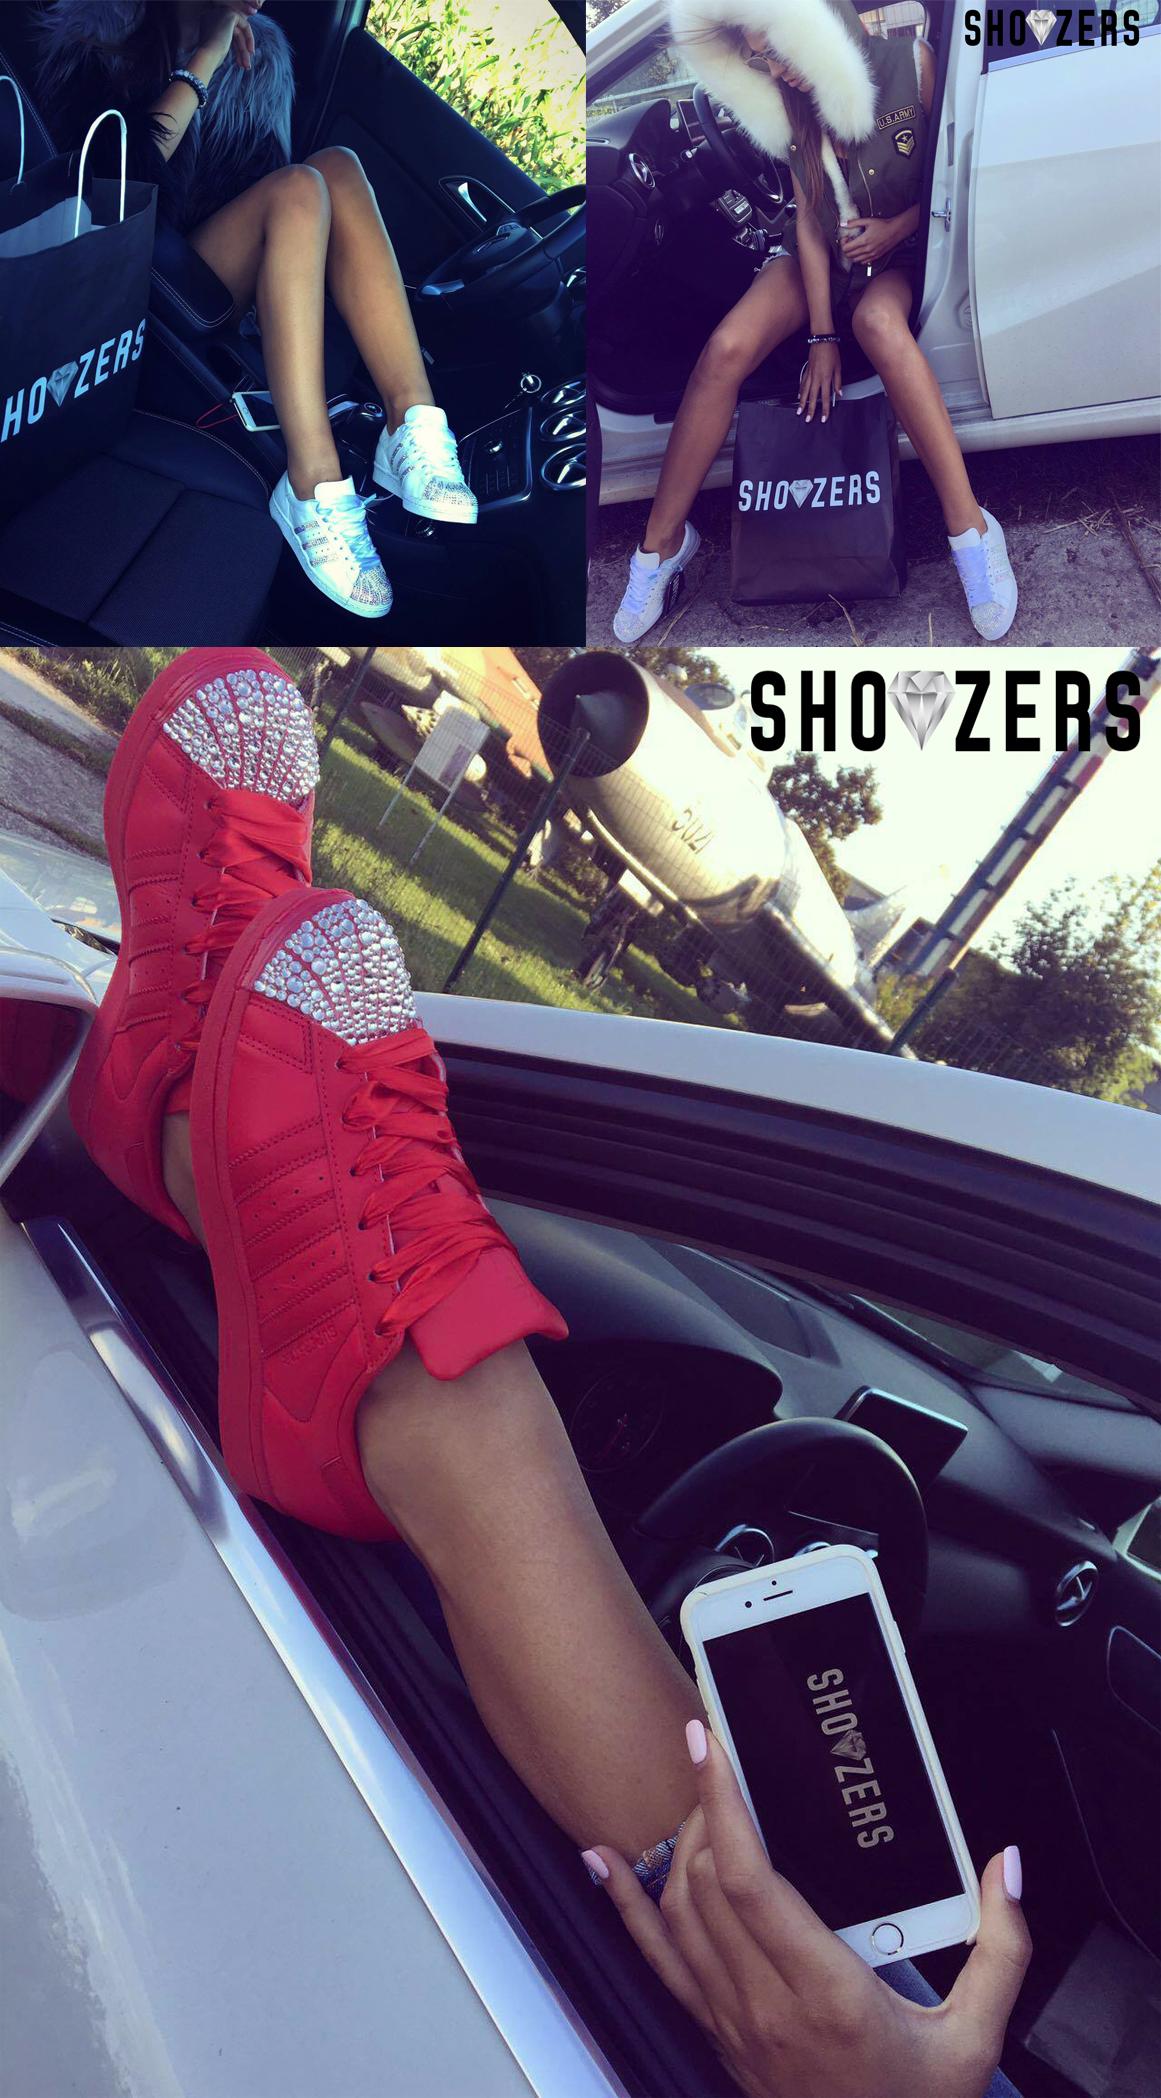 58c937c4720a Populárne modely SPOLOČNOSTI SHOOZERS - Shoozers